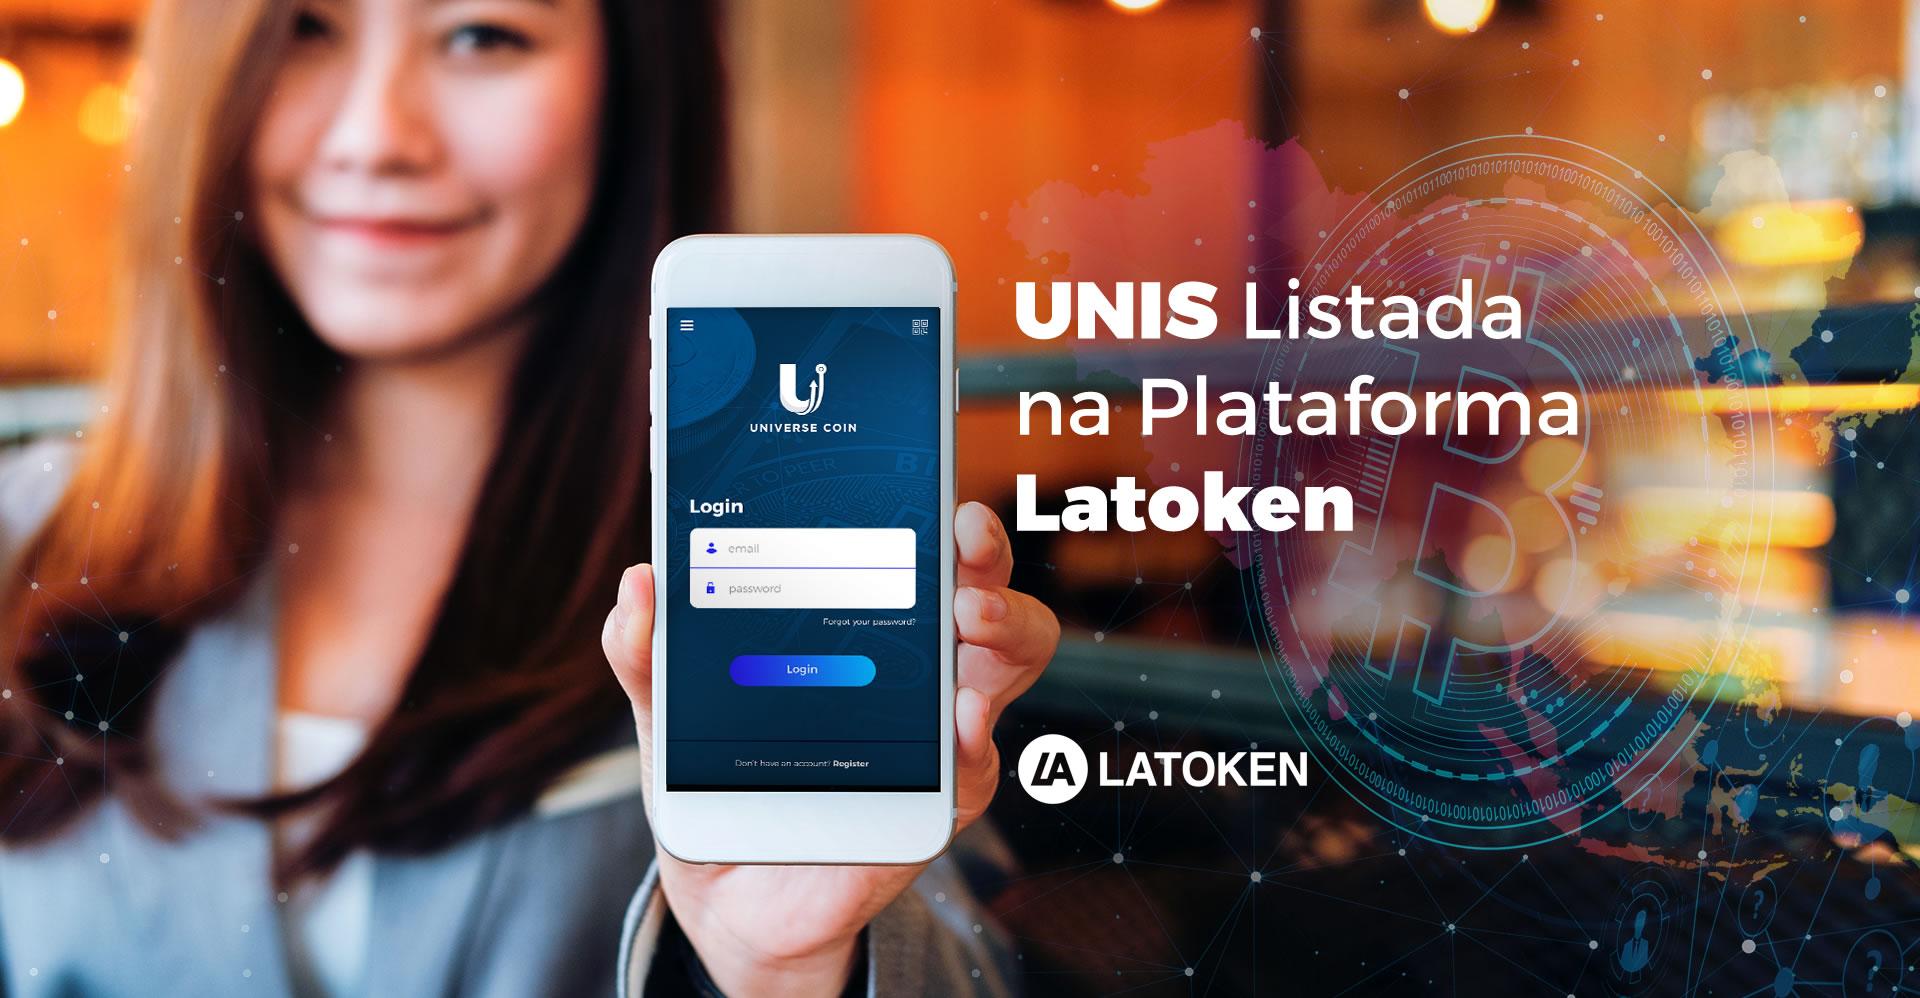 UNIS Listada na Plataforma Latoken